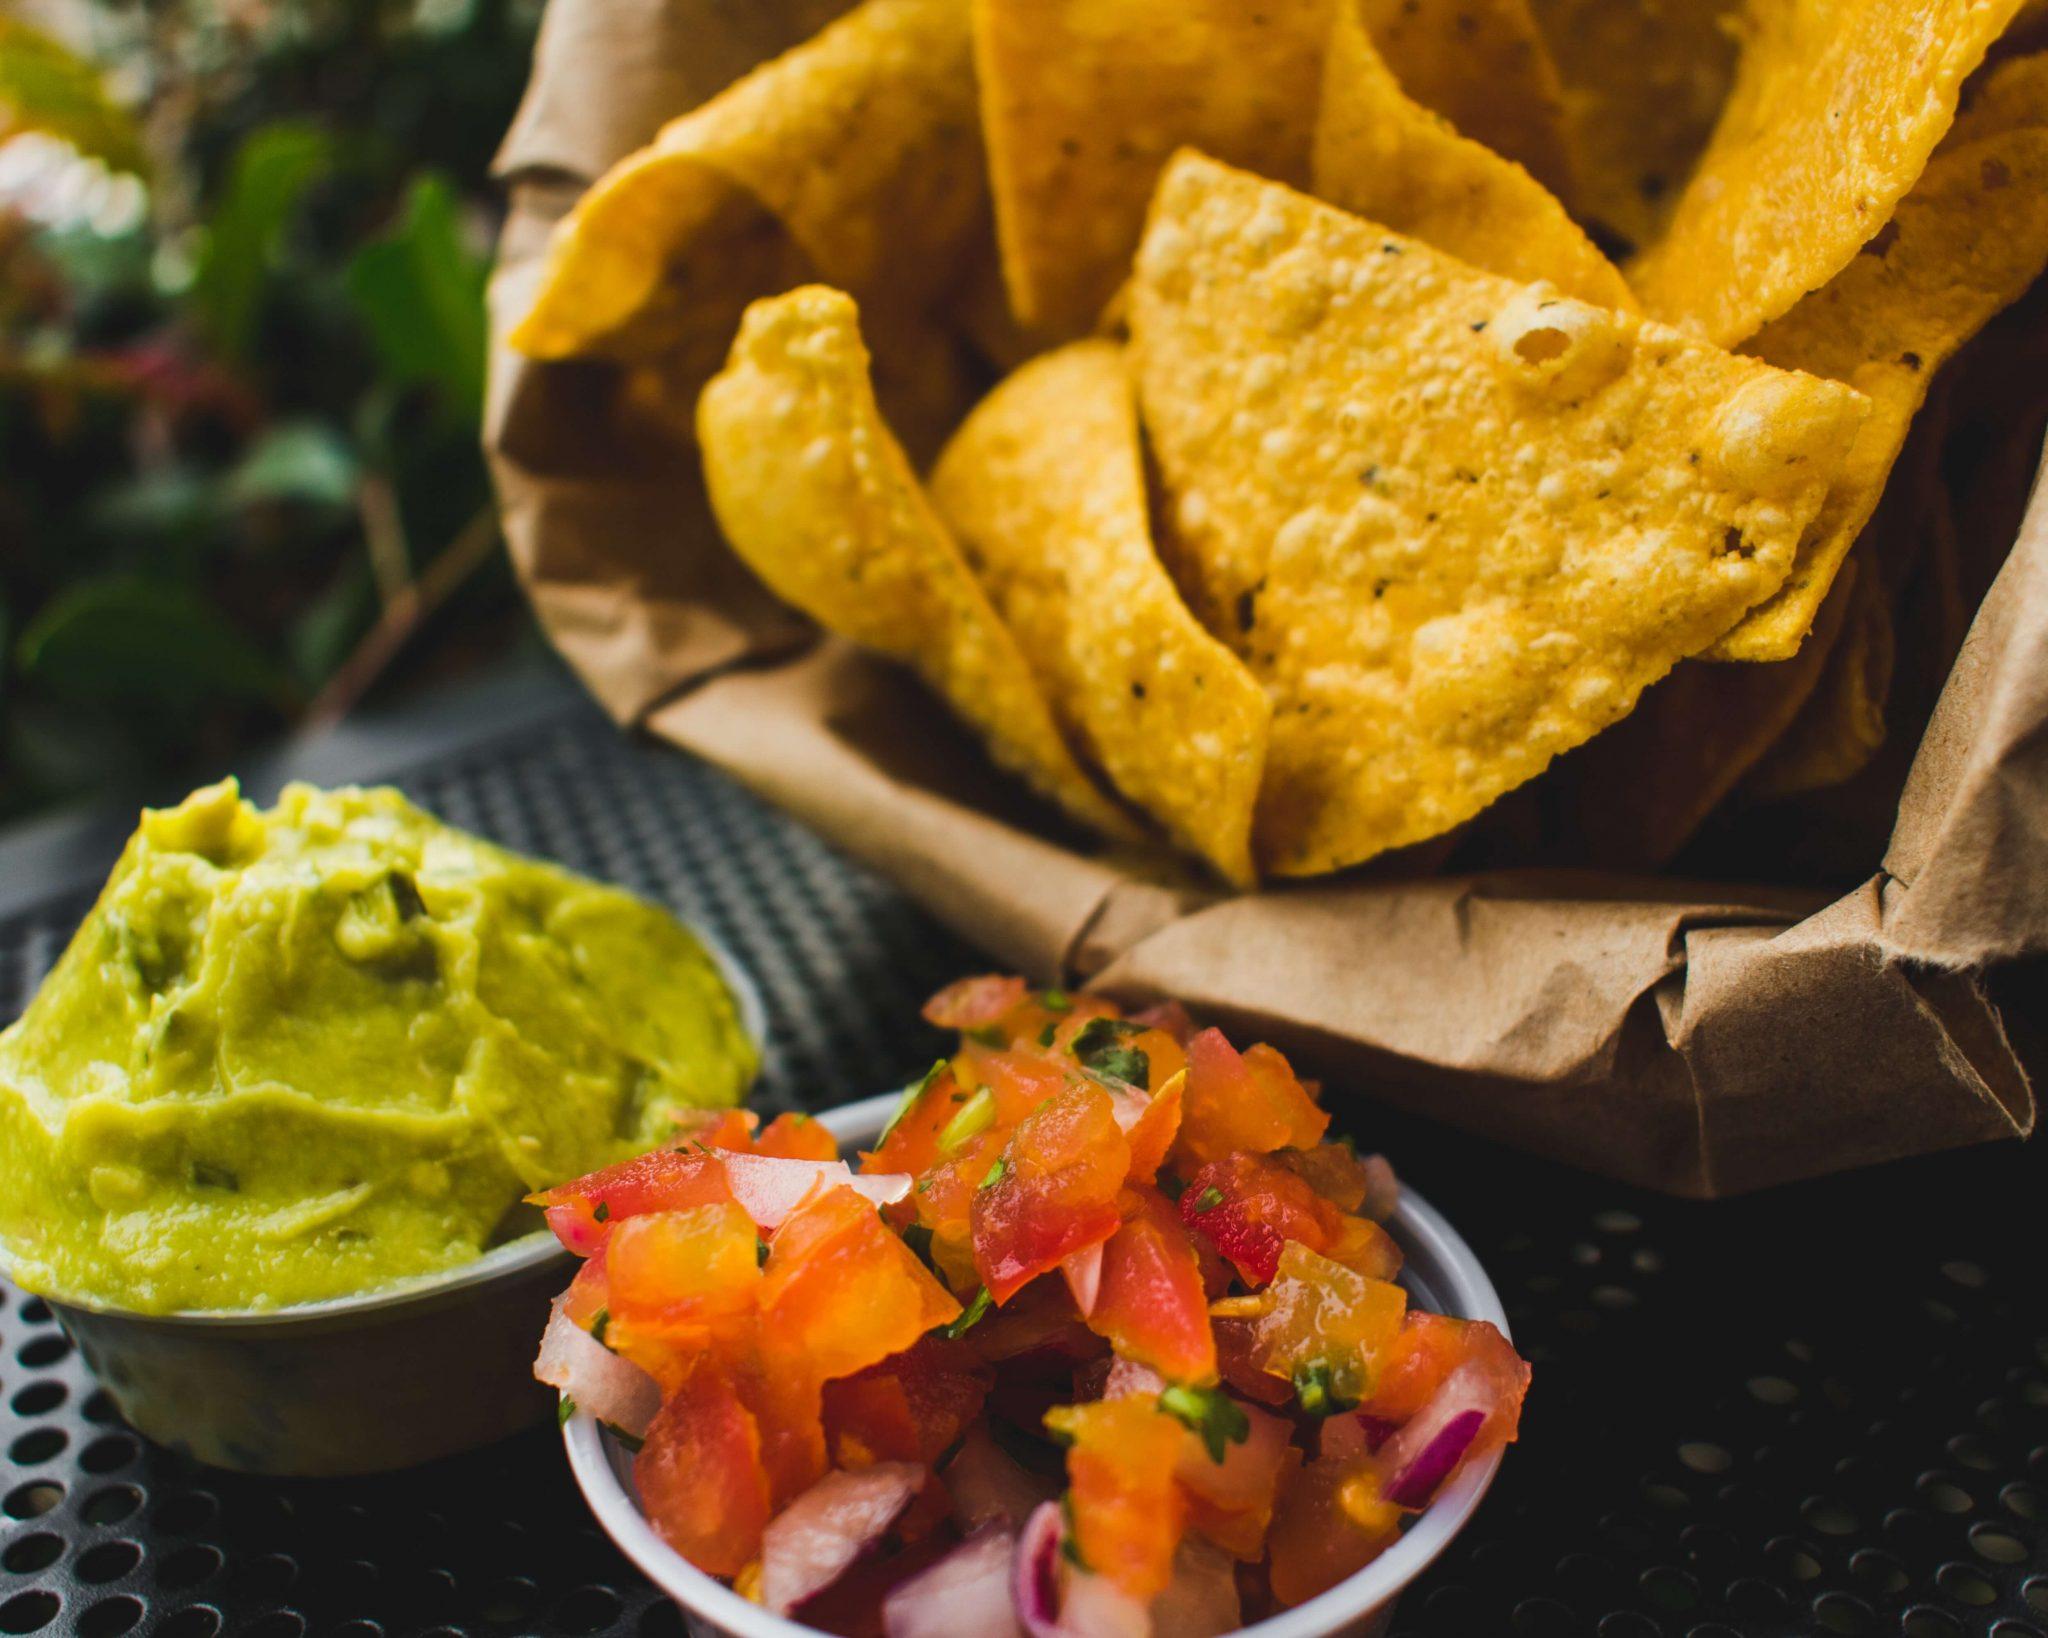 Ricette dal mondo: nachos messicani con pomodorini rossi e guacamole.